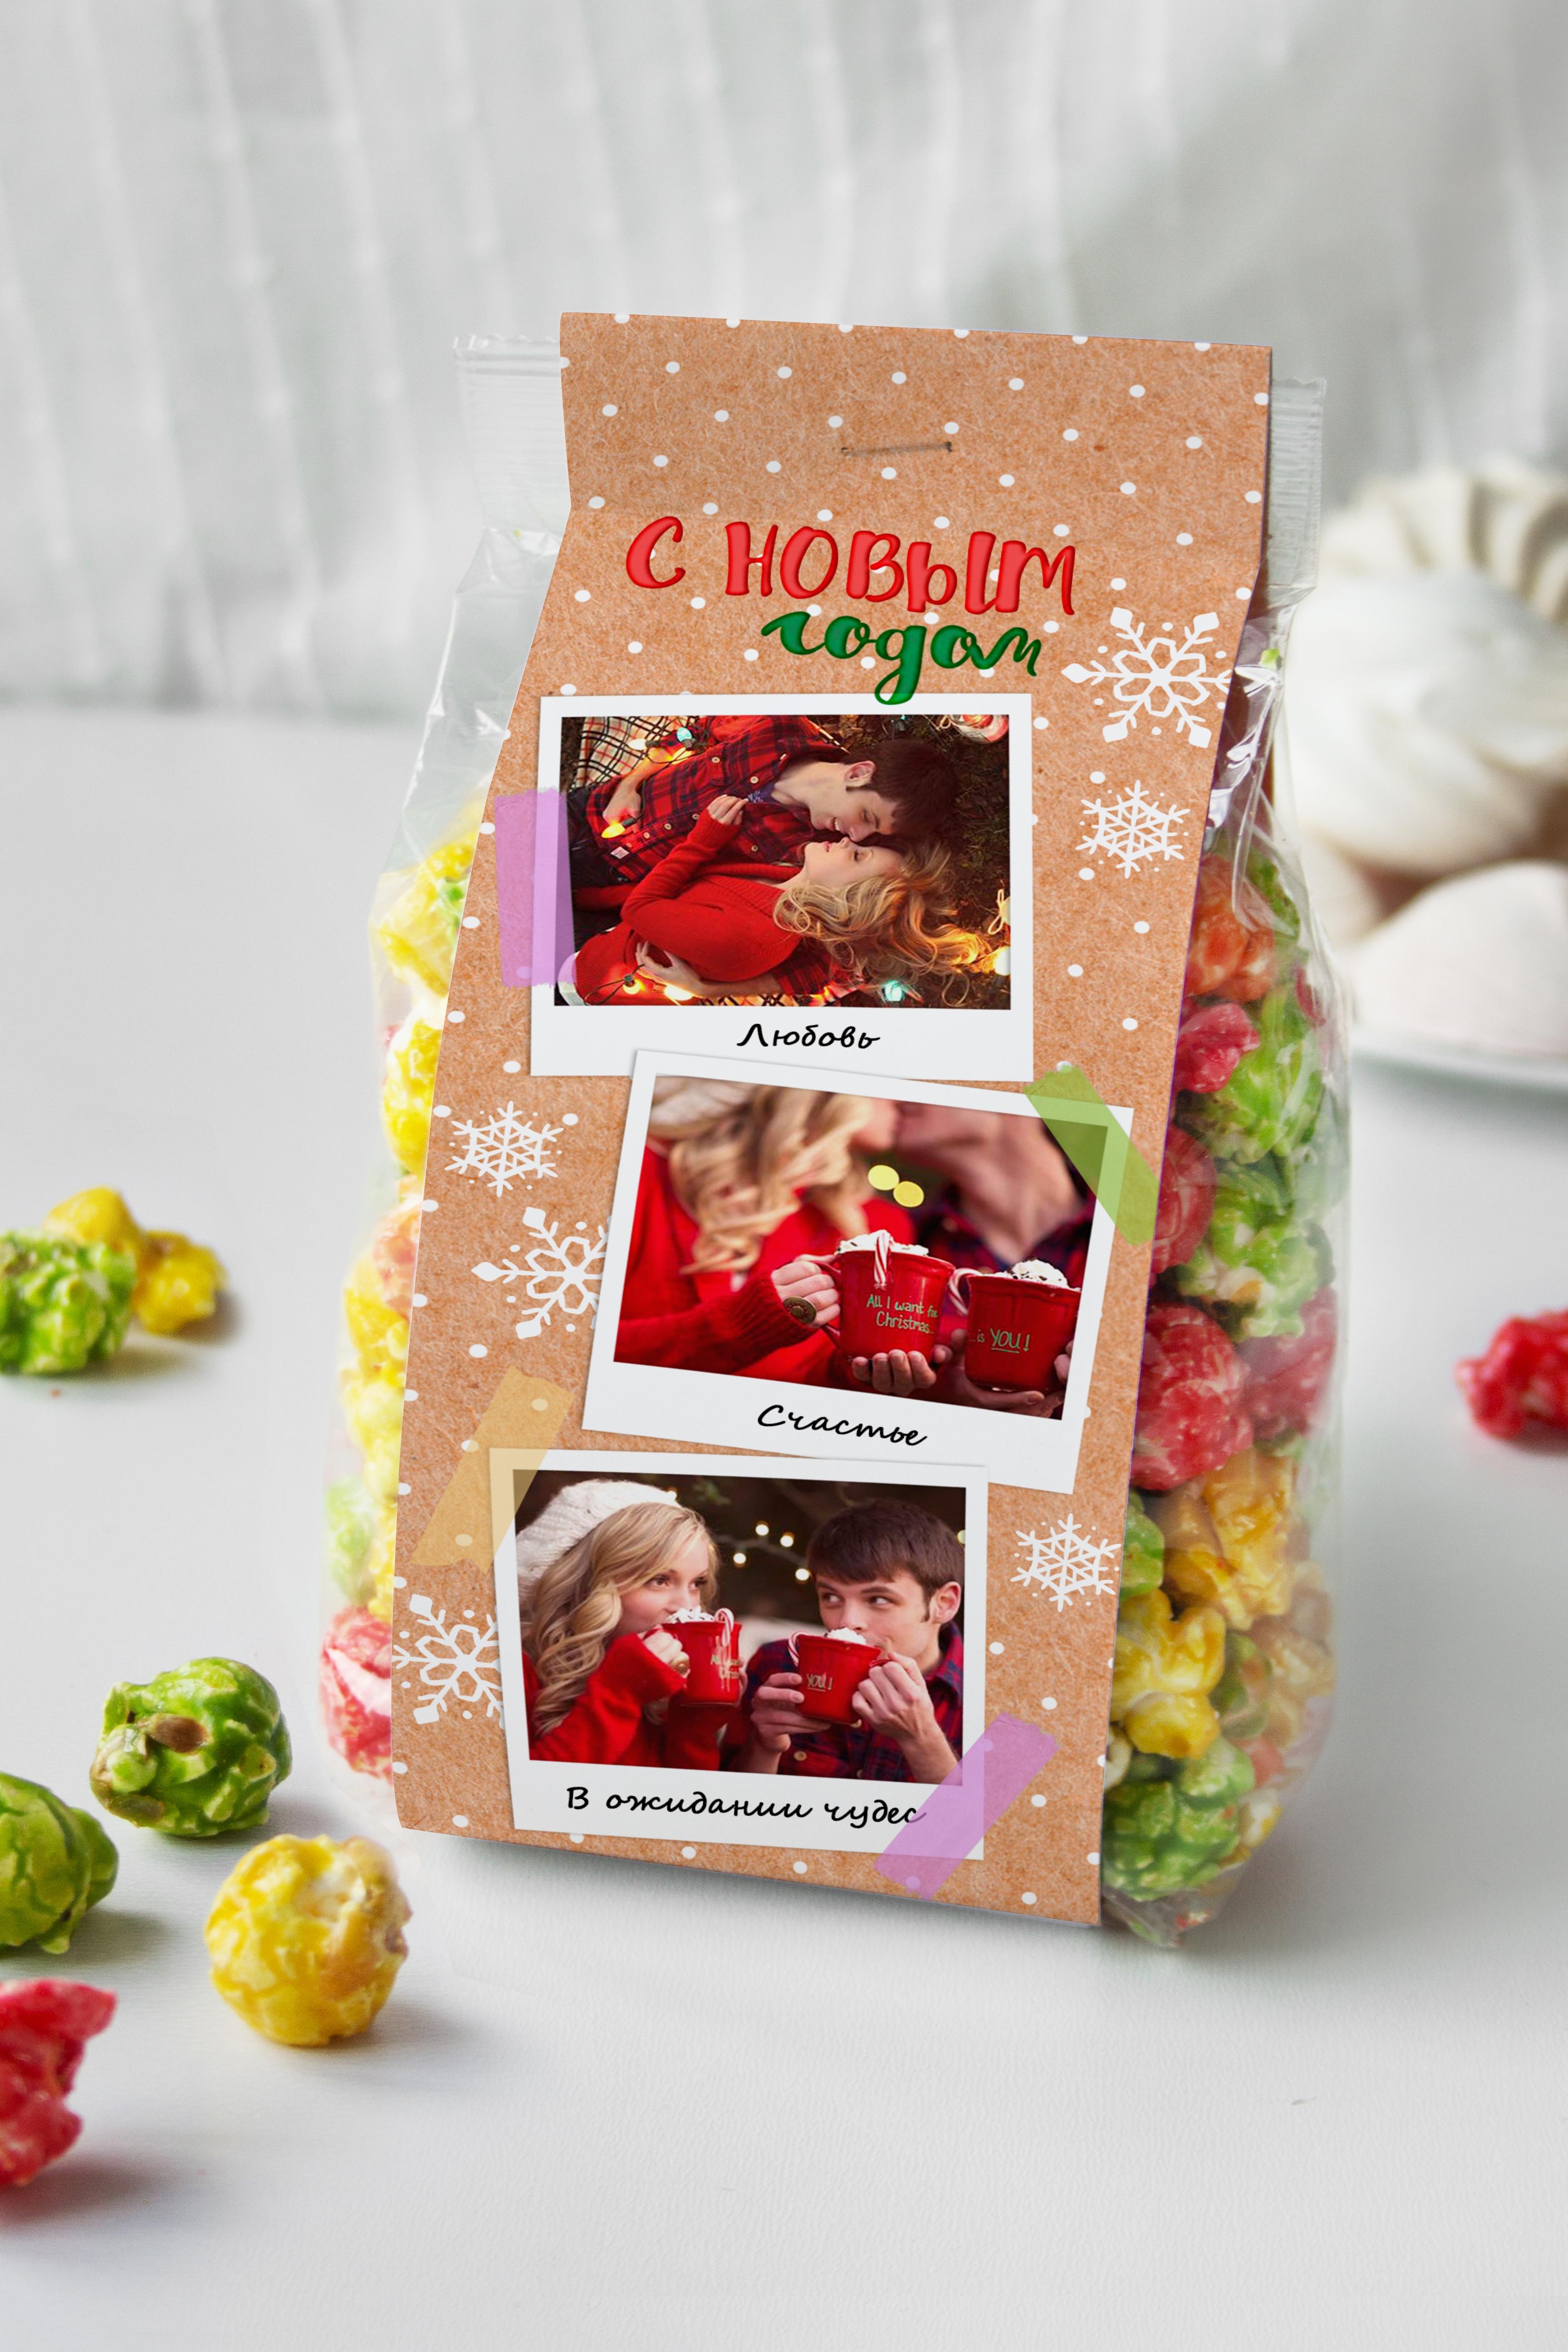 Попкорн КрафтовыйСувениры и упаковка<br>Попкорн Фруктовый микс в индивидуальной упаковке с Вашим именем, вес: 160гр.<br>